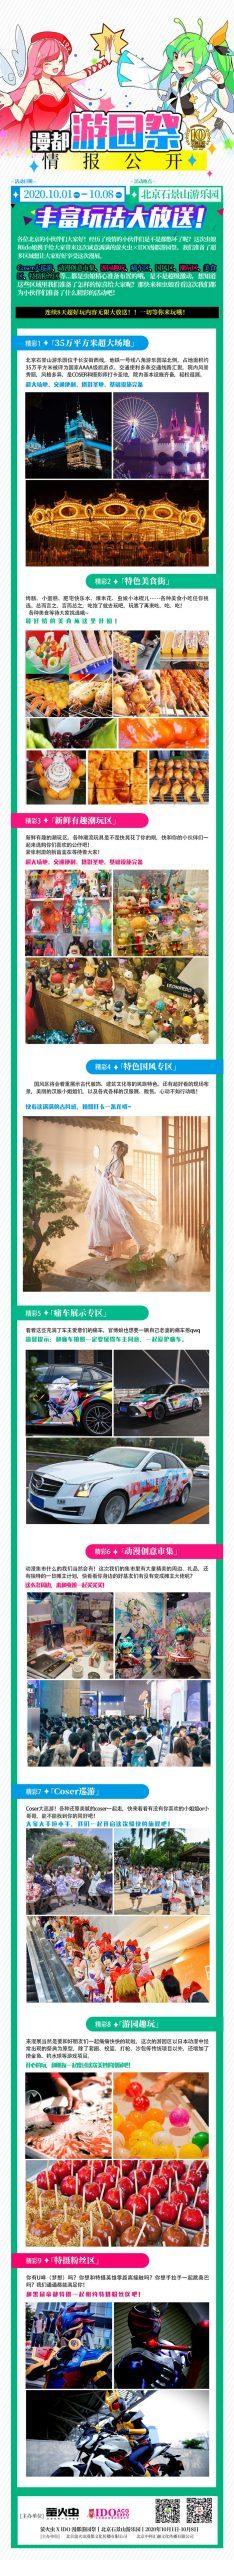 十一假期·北京【萤火虫 x IDO漫都游园祭】情报大公开!-C3动漫网